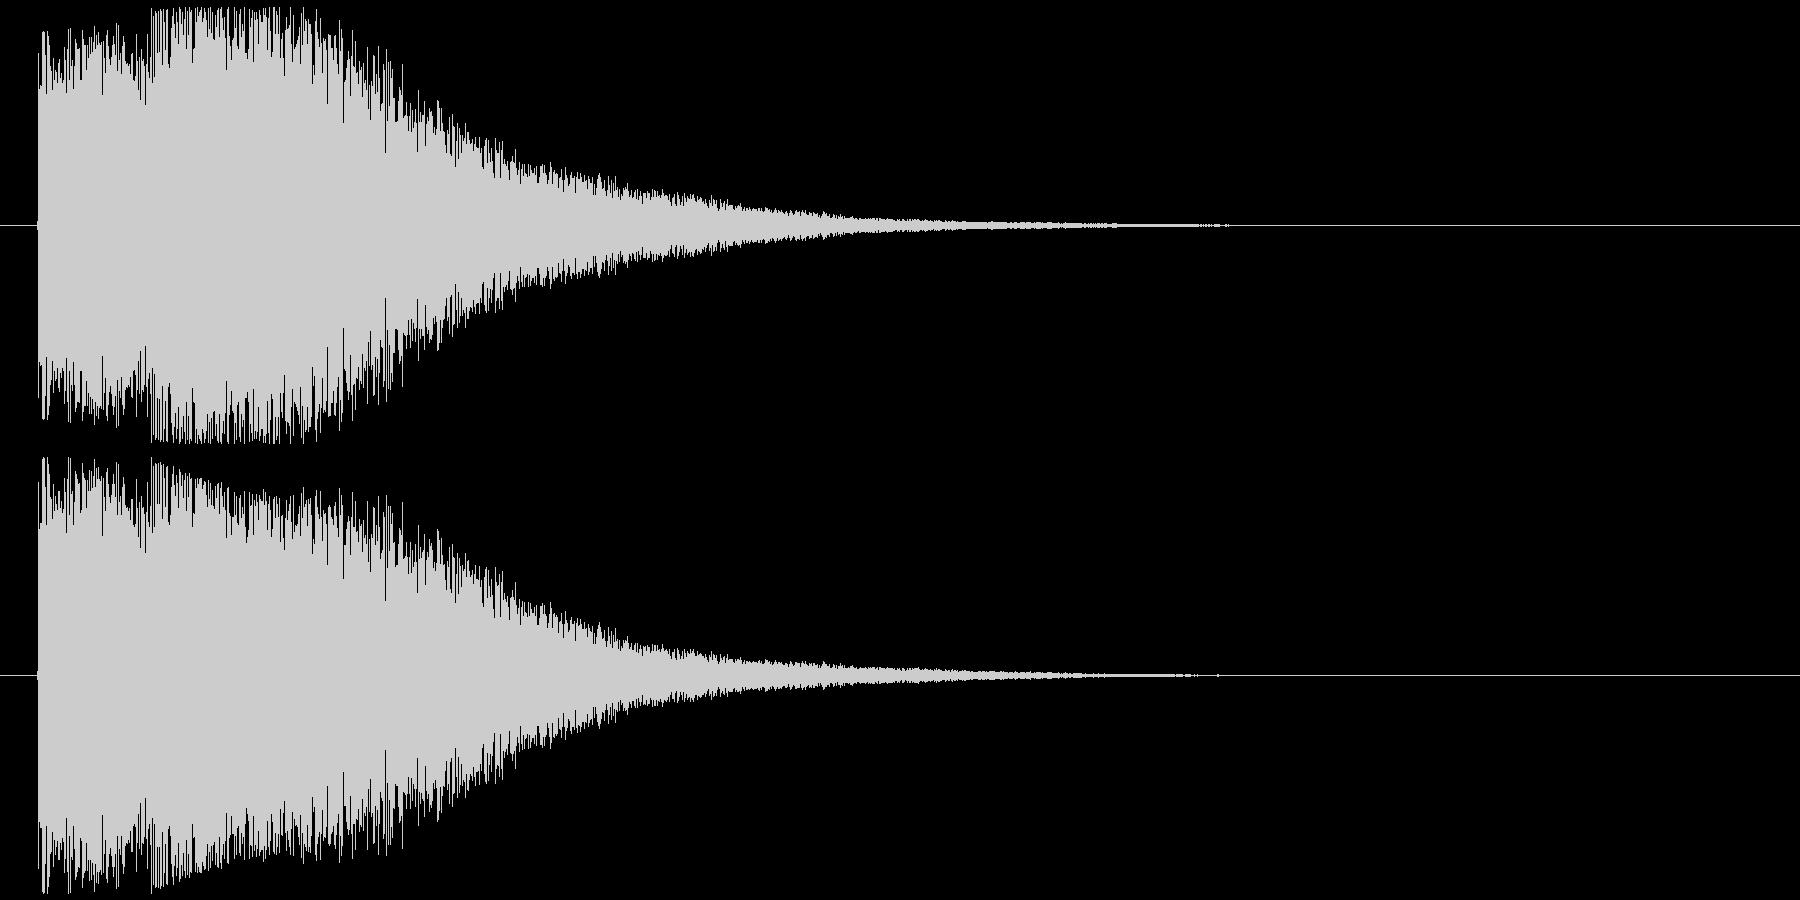 ダメージ音の未再生の波形